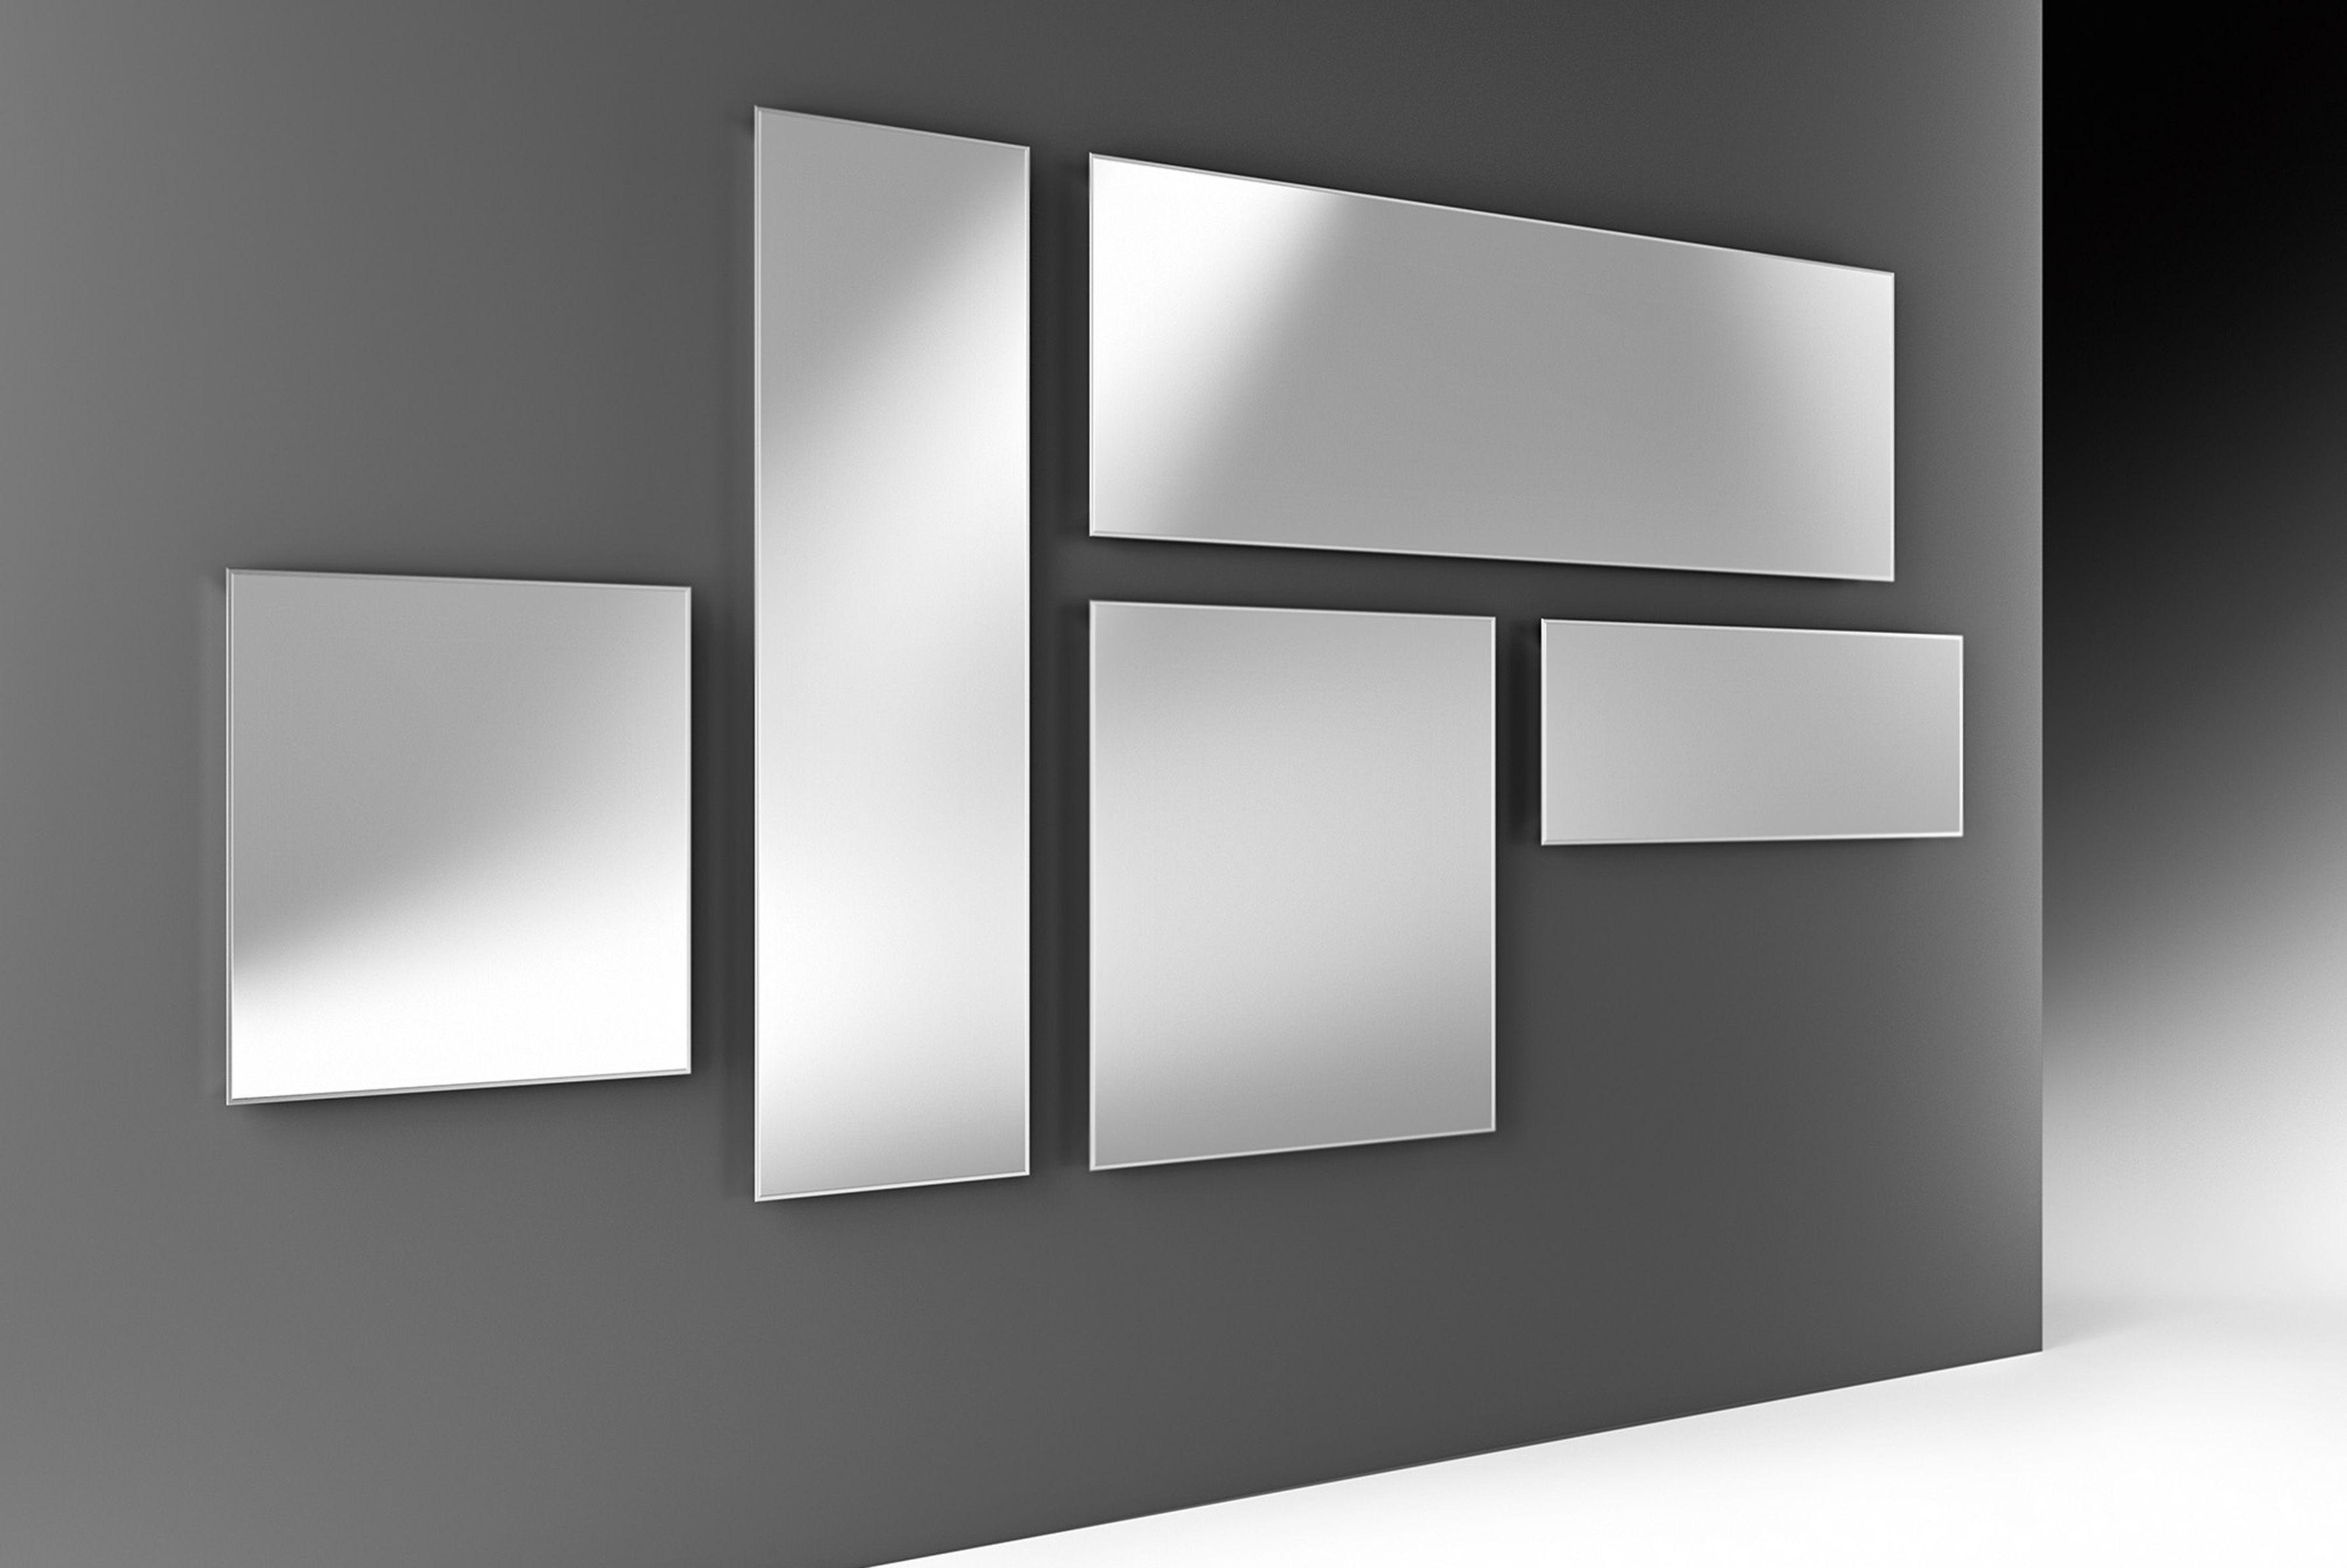 Miroir mural mirage 120 x 40 cm miroir fiam for Miroir 40x120